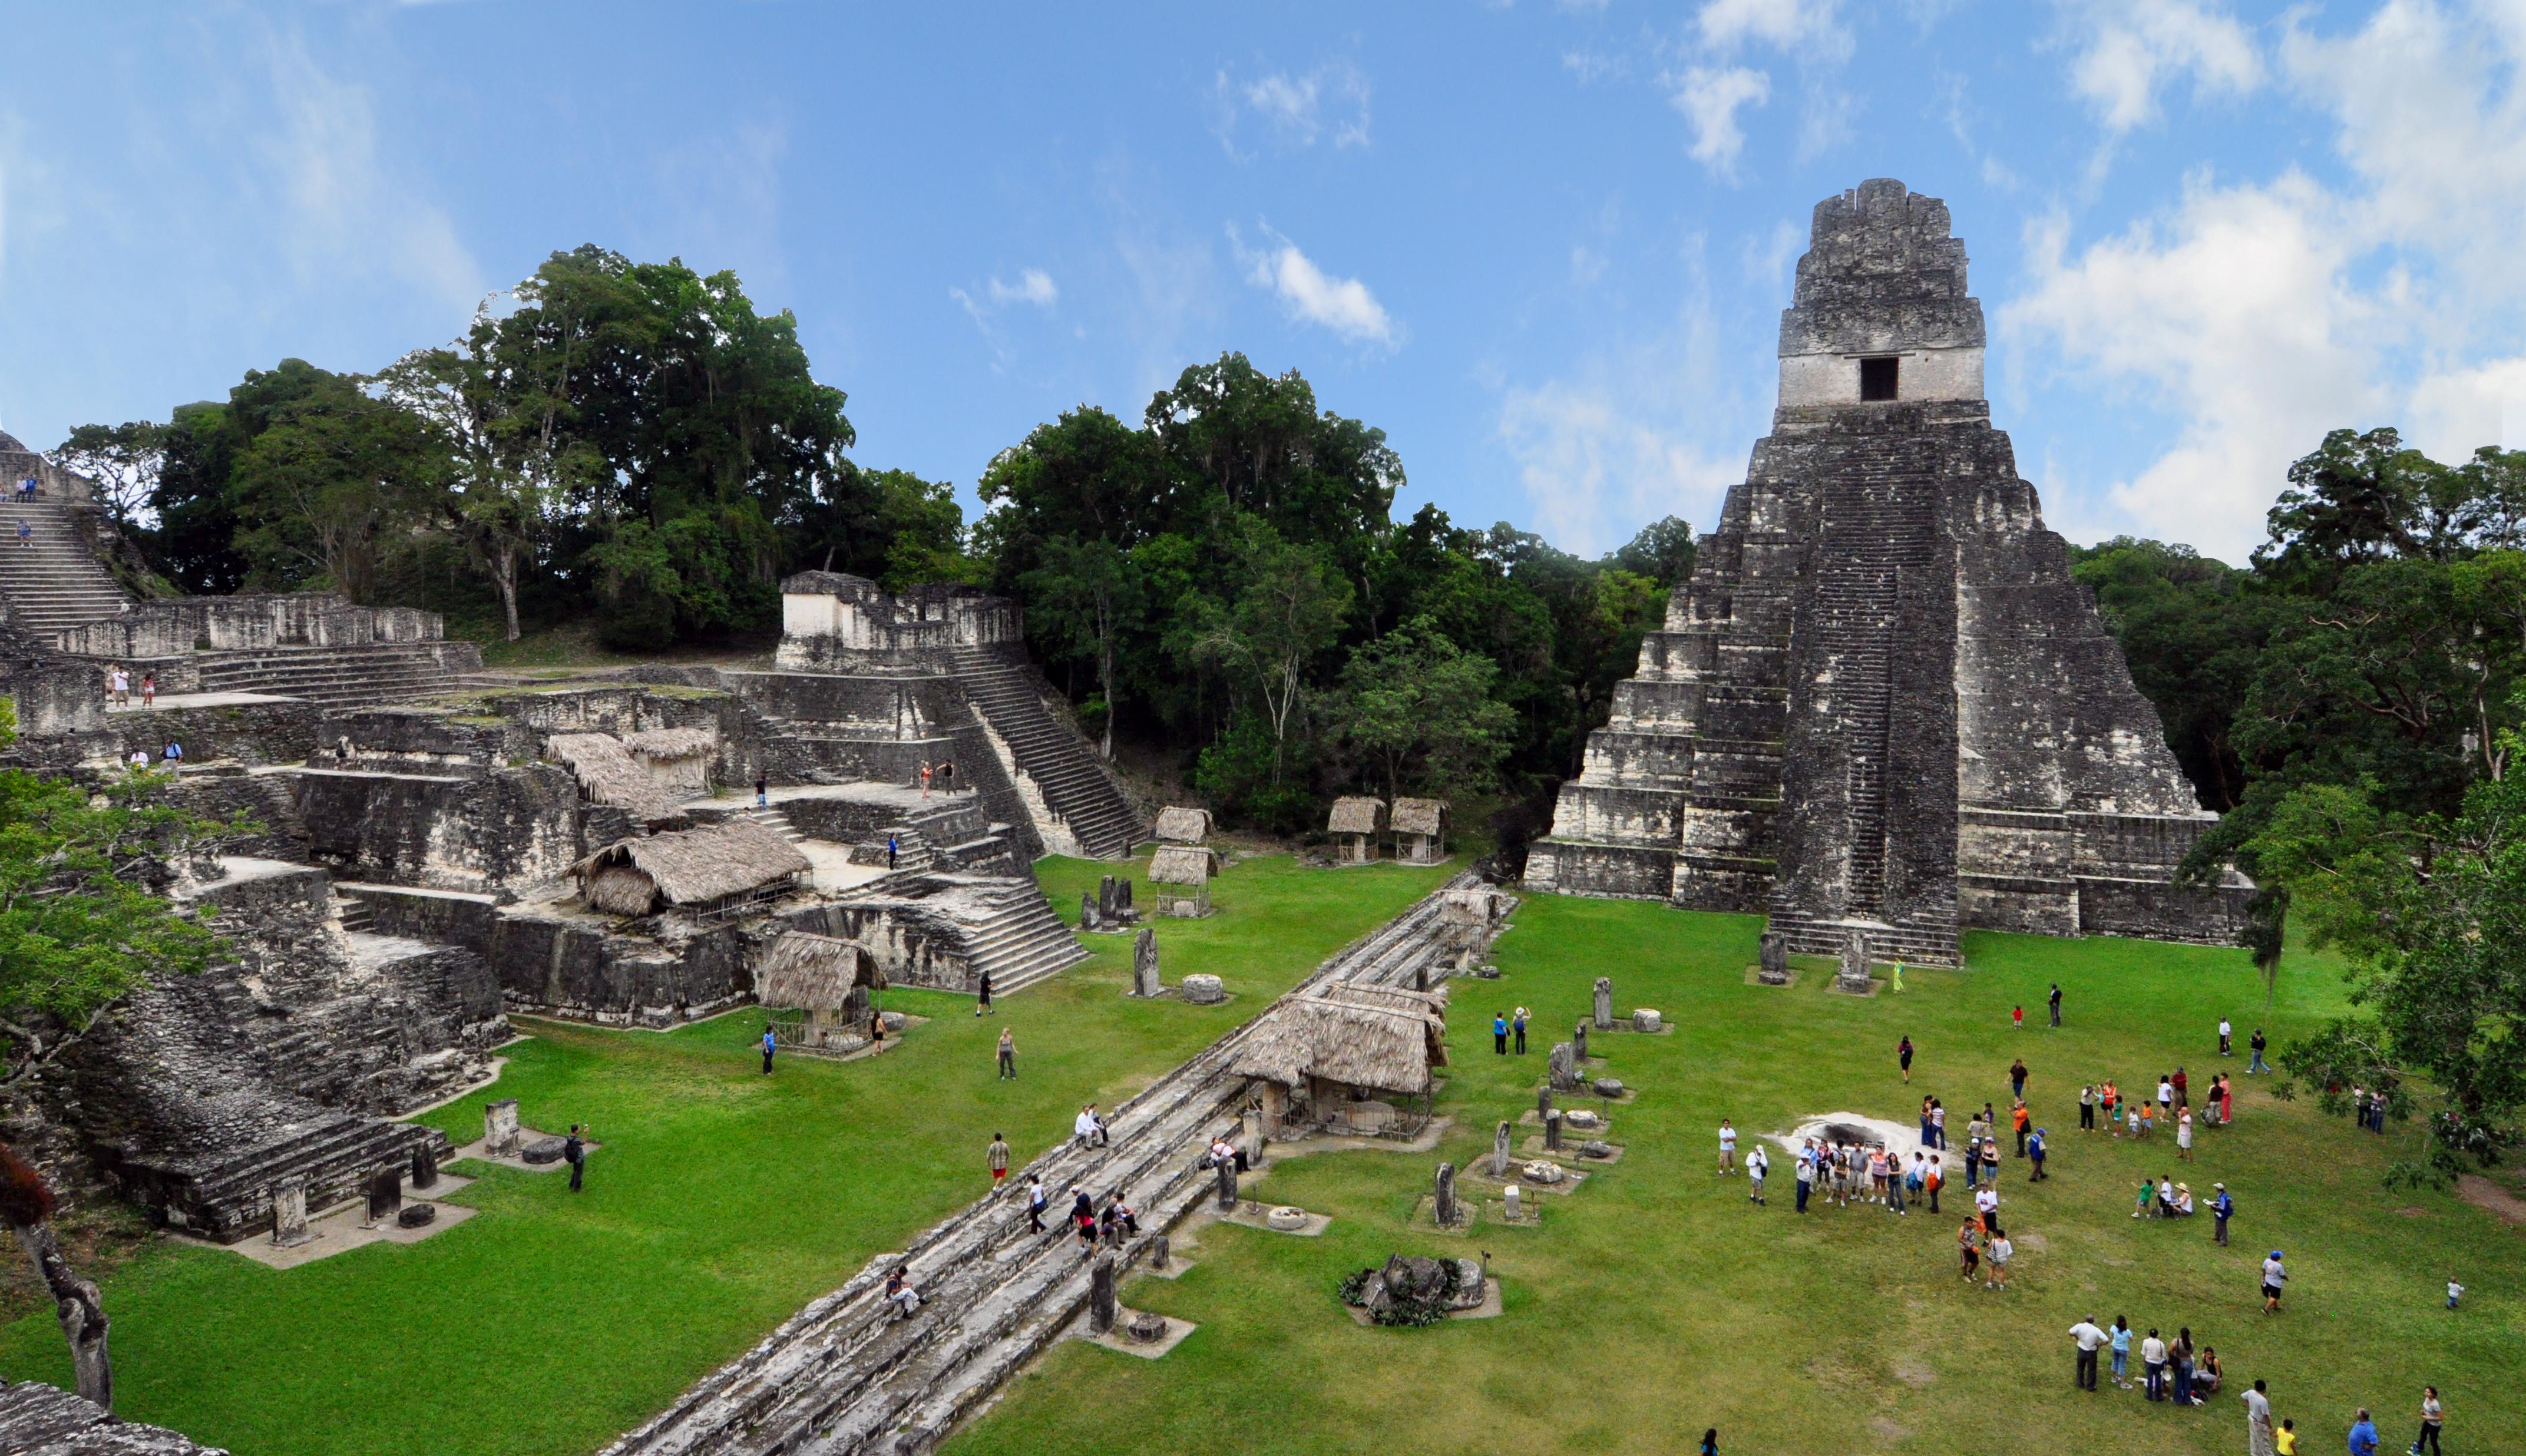 Cosa evitare di fare in vacanza in Guatemala